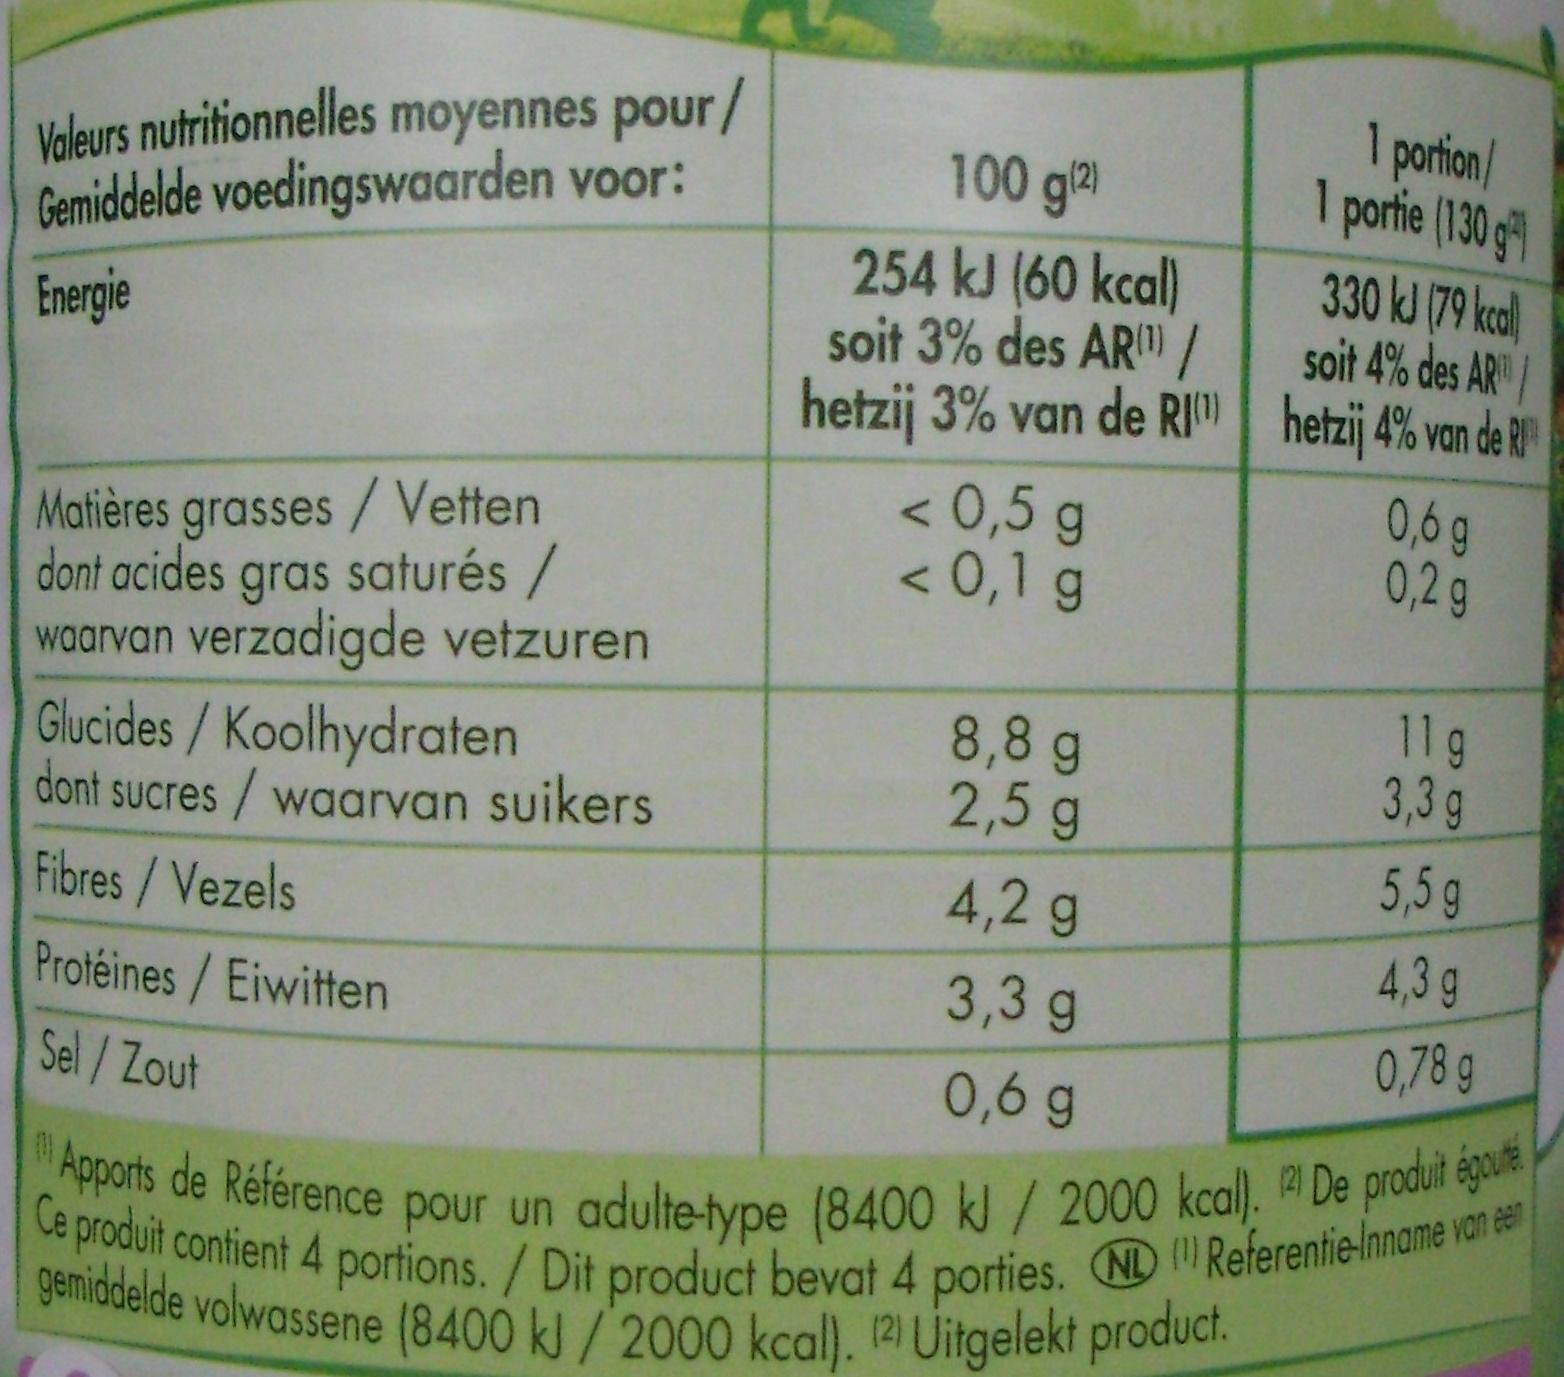 Petits Pois et Jeunes Carottes Extra-Fins - Voedingswaarden - fr